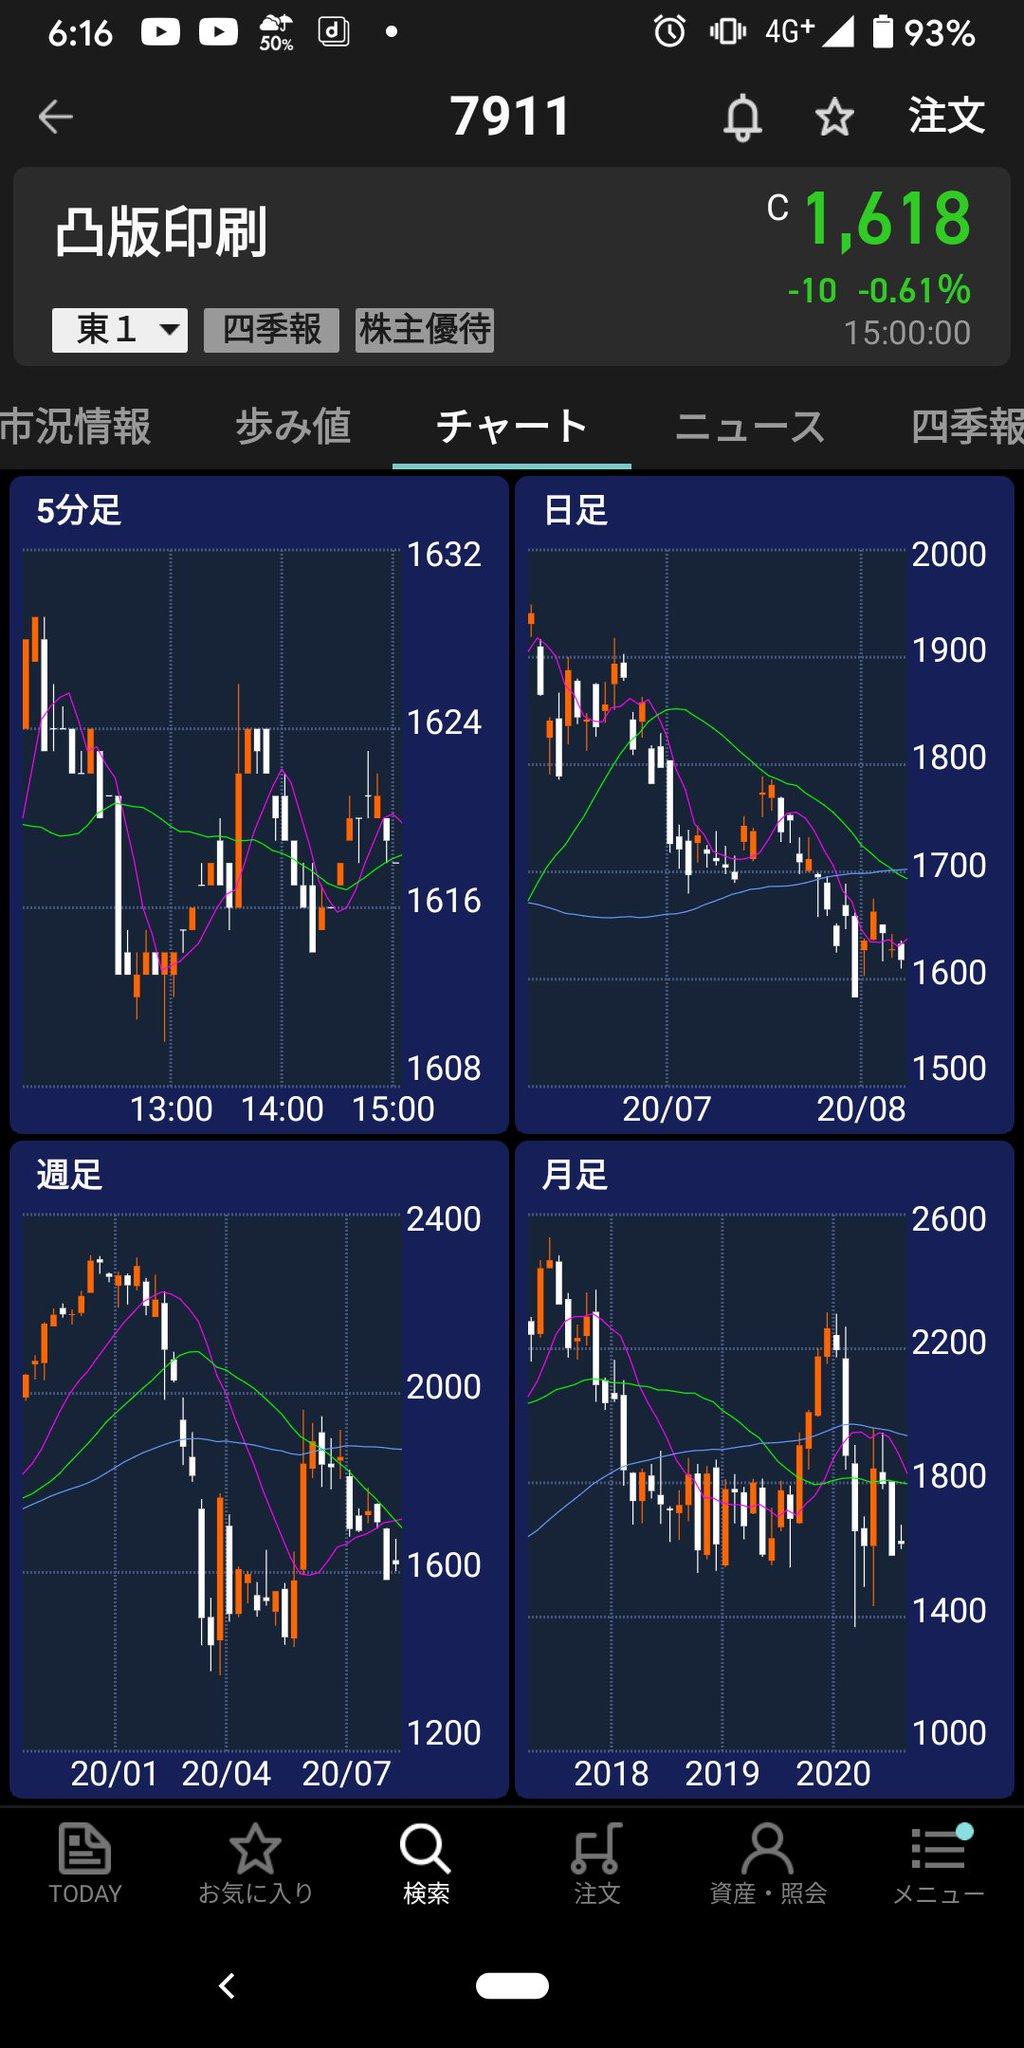 凸版 印刷 株価